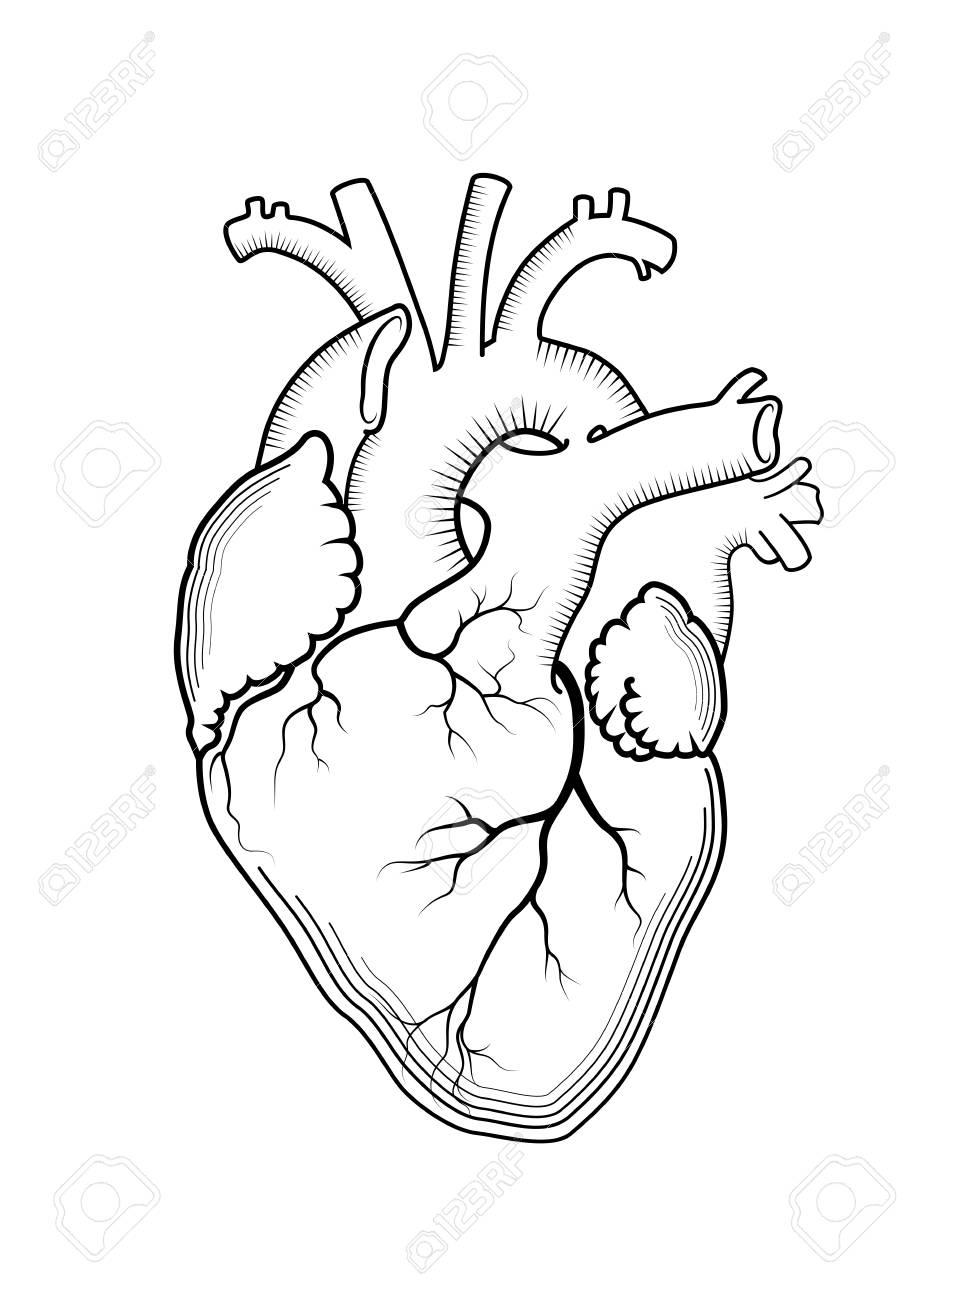 Corazón. El órgano Humano Interno, Estructura Anatómica. Grabado ...